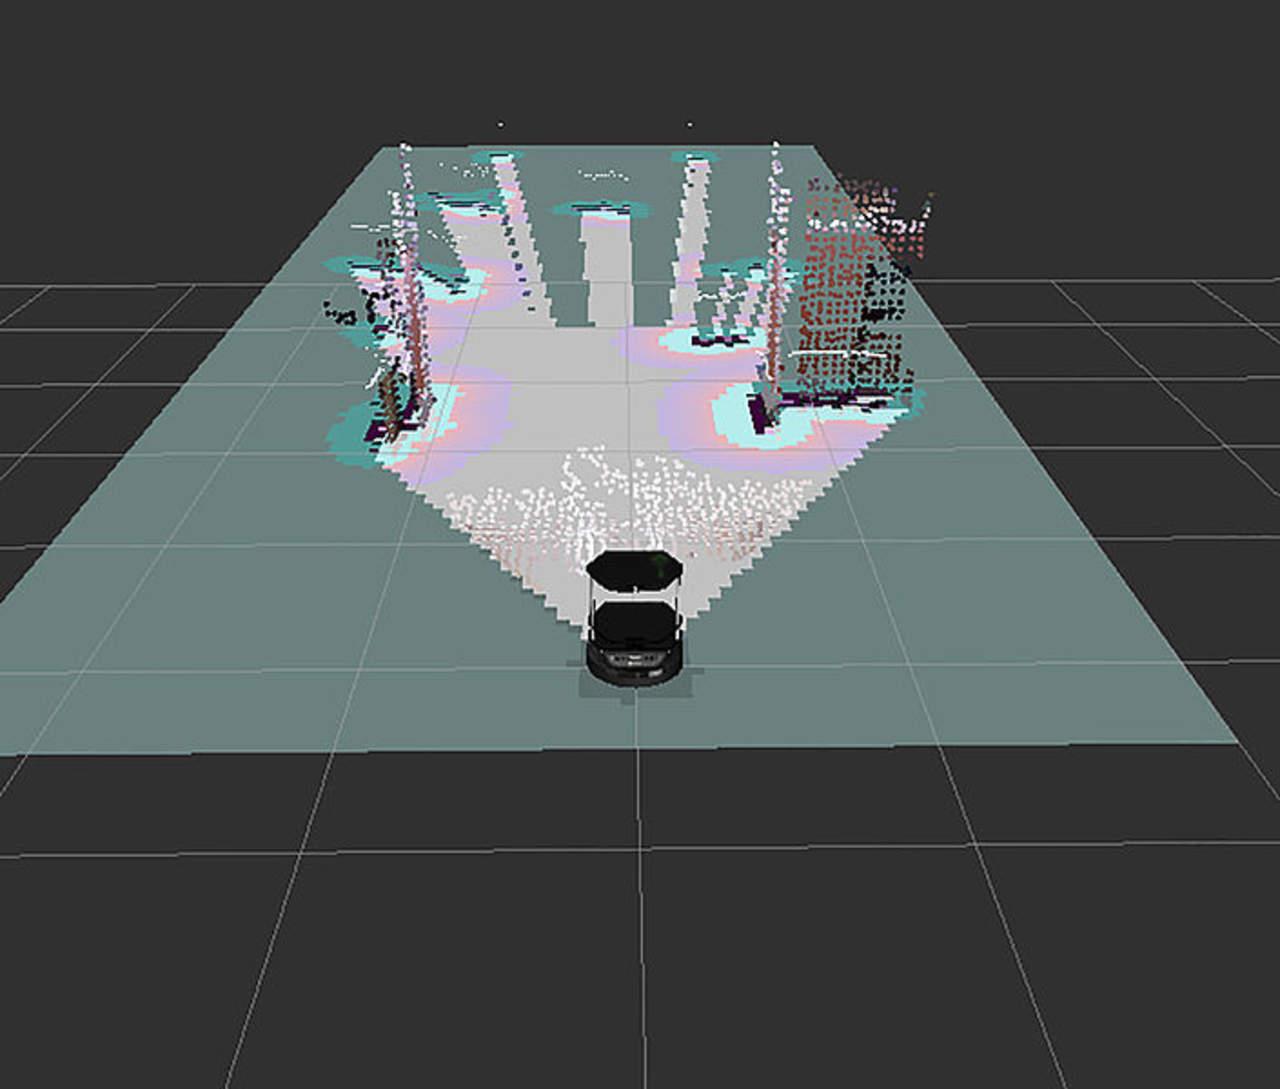 Desarrollan robot de servicio que procesa mapas bidimensionales